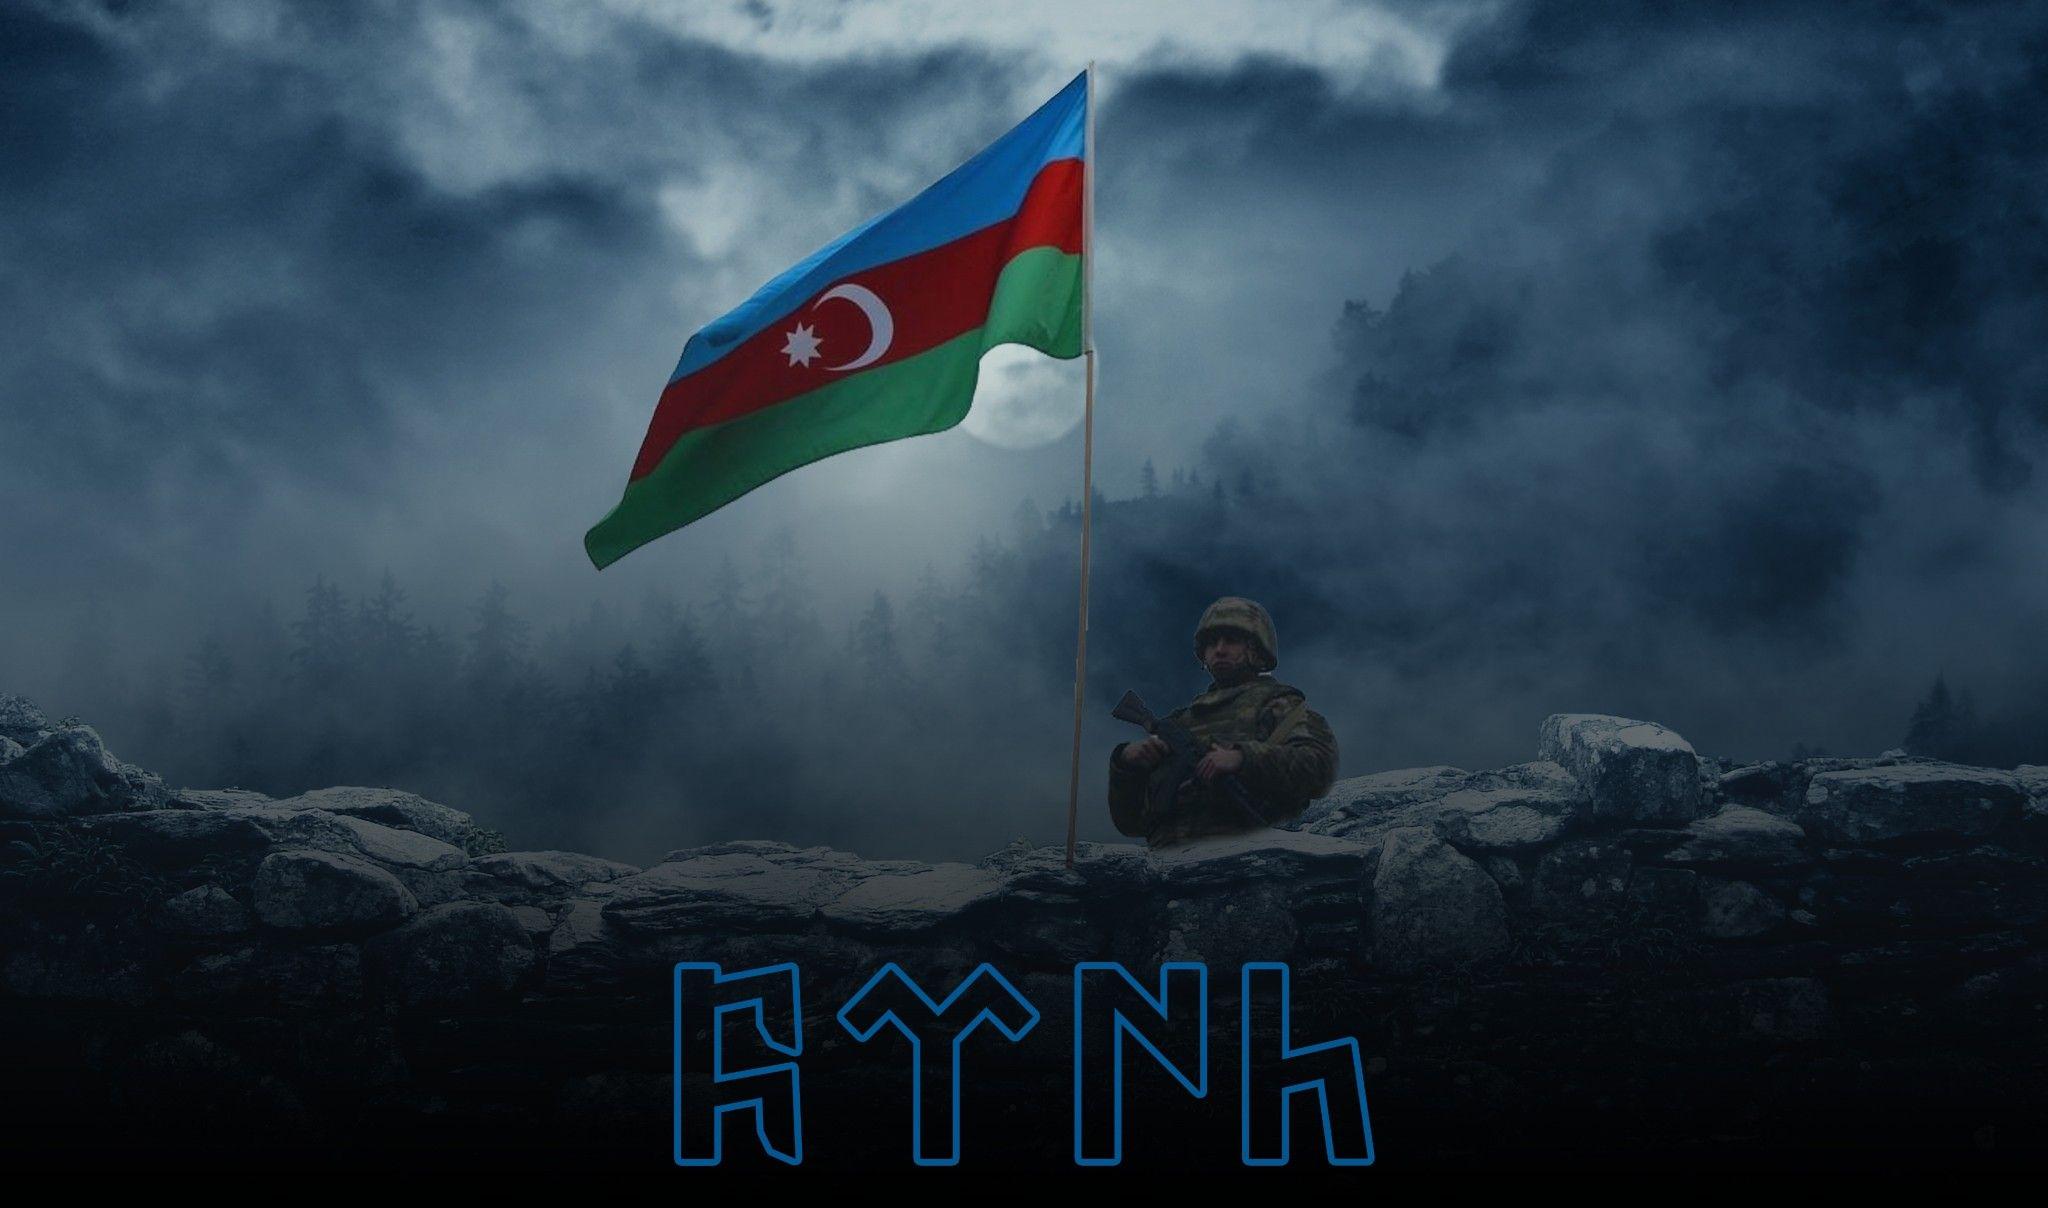 Azərbaycan əsgəri. Azərbaycan bayrağı. Türkçü Azərbaycan. Bozqurd dizayn | Movie posters, Art, Poster